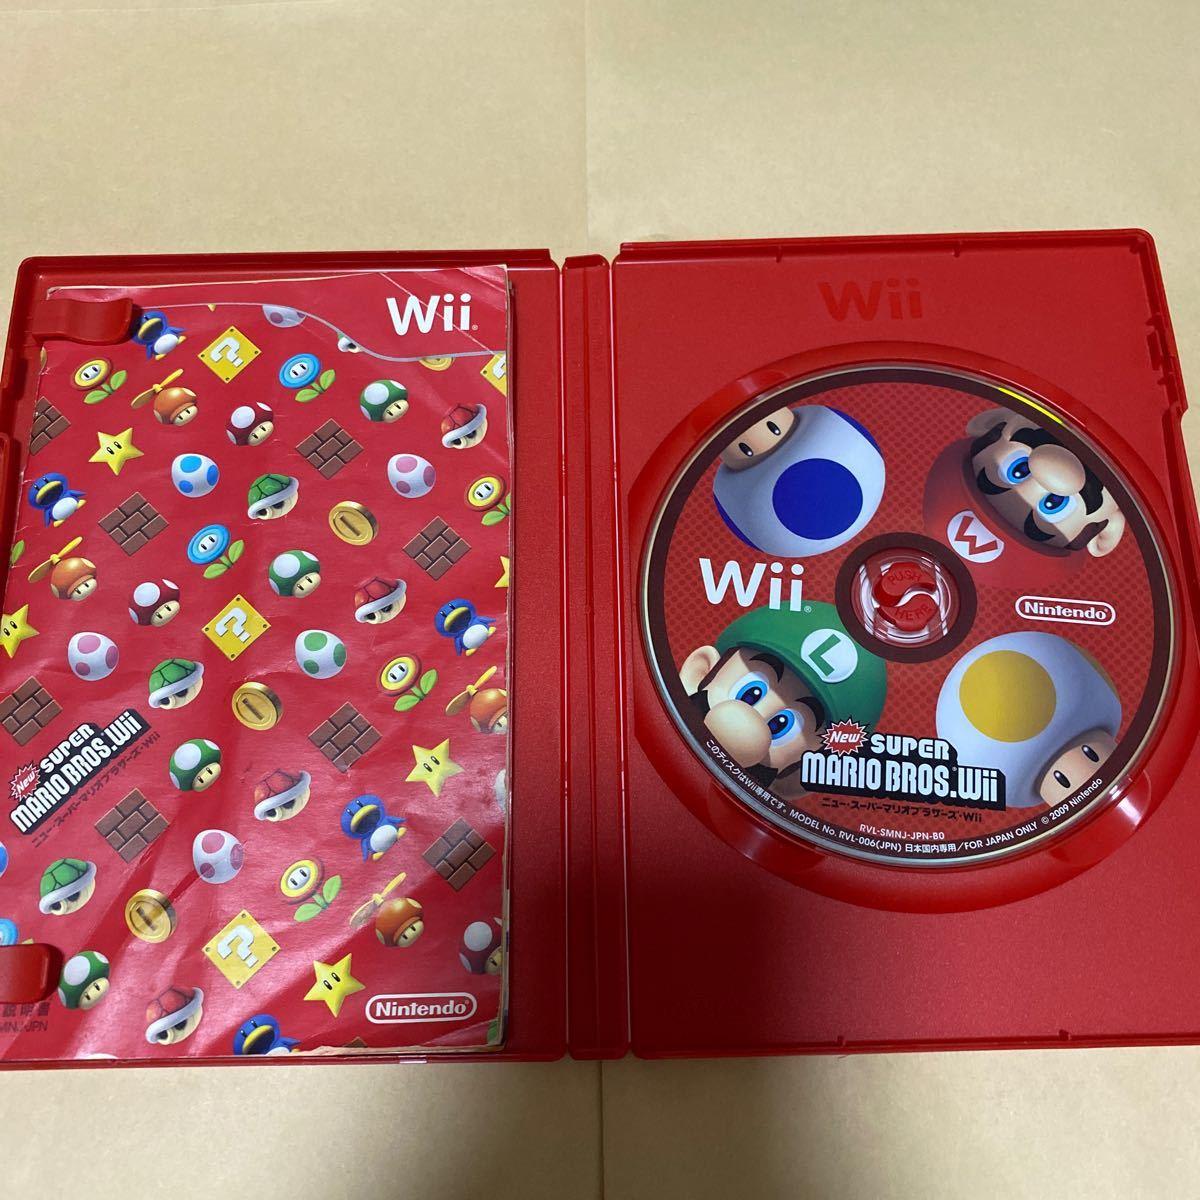 NewスーパーマリオブラザーズWiiとWiiであそぶ マリオテニスGC Wii